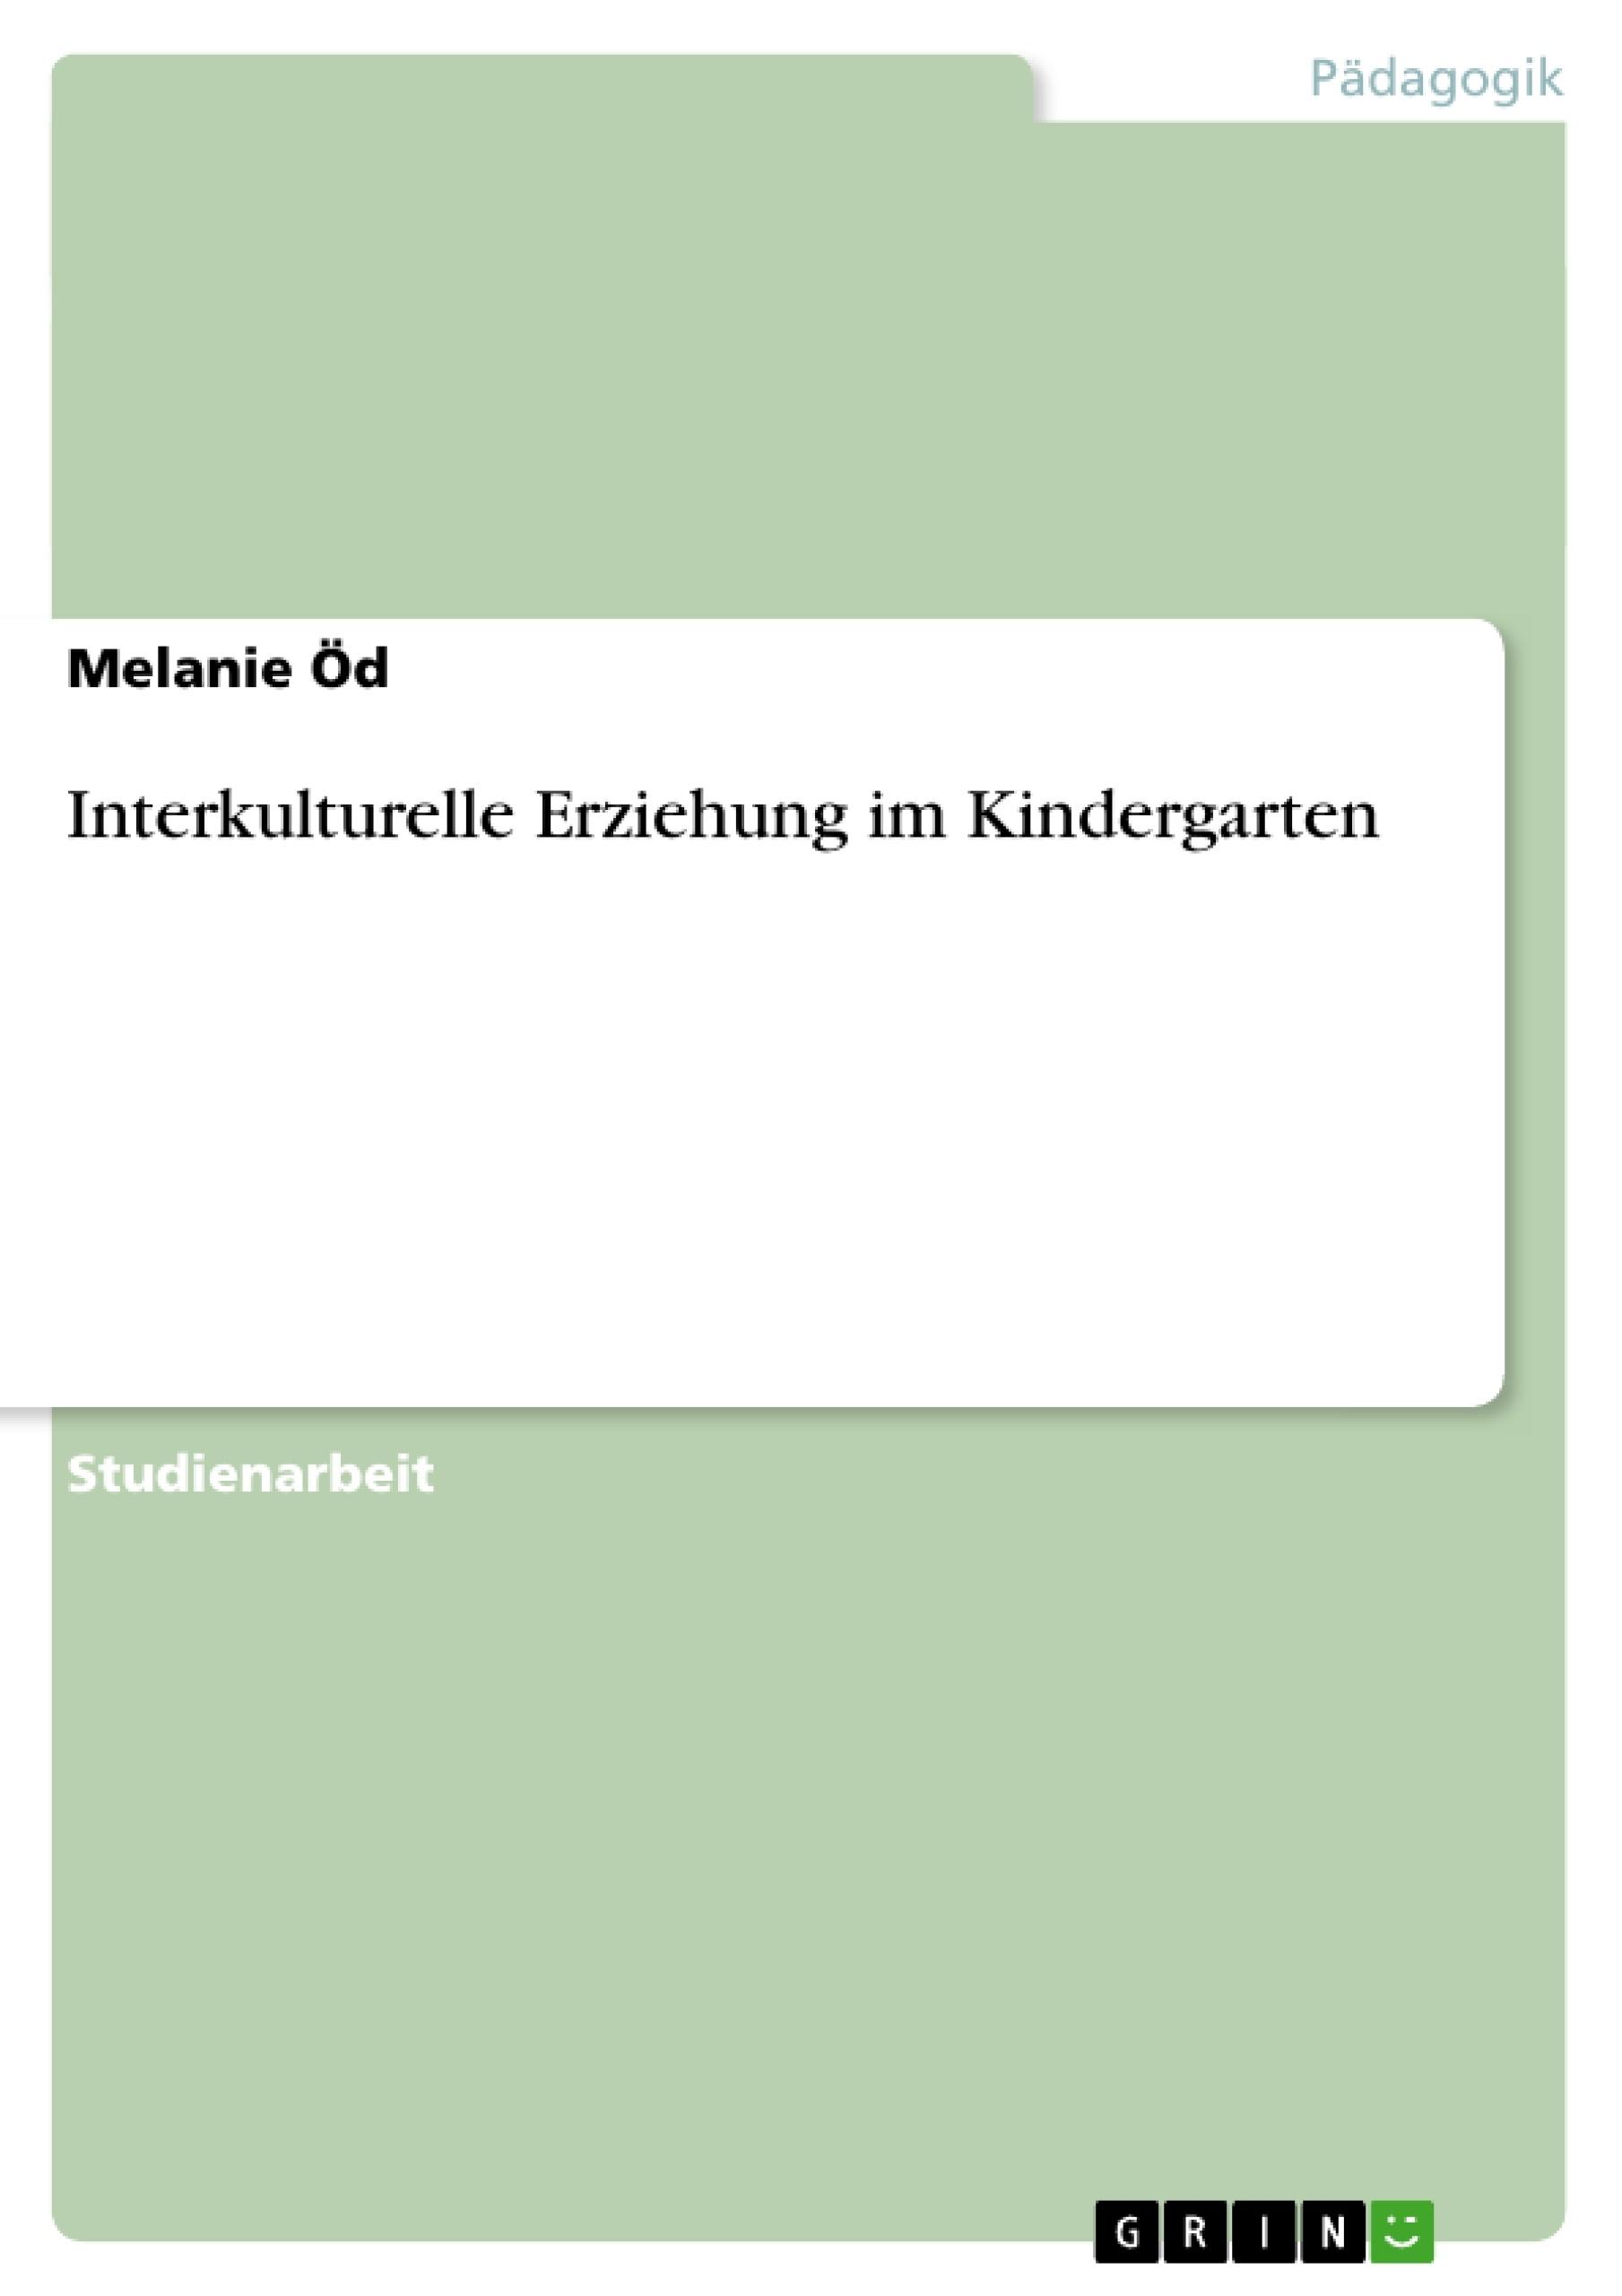 Titel: Interkulturelle Erziehung im Kindergarten